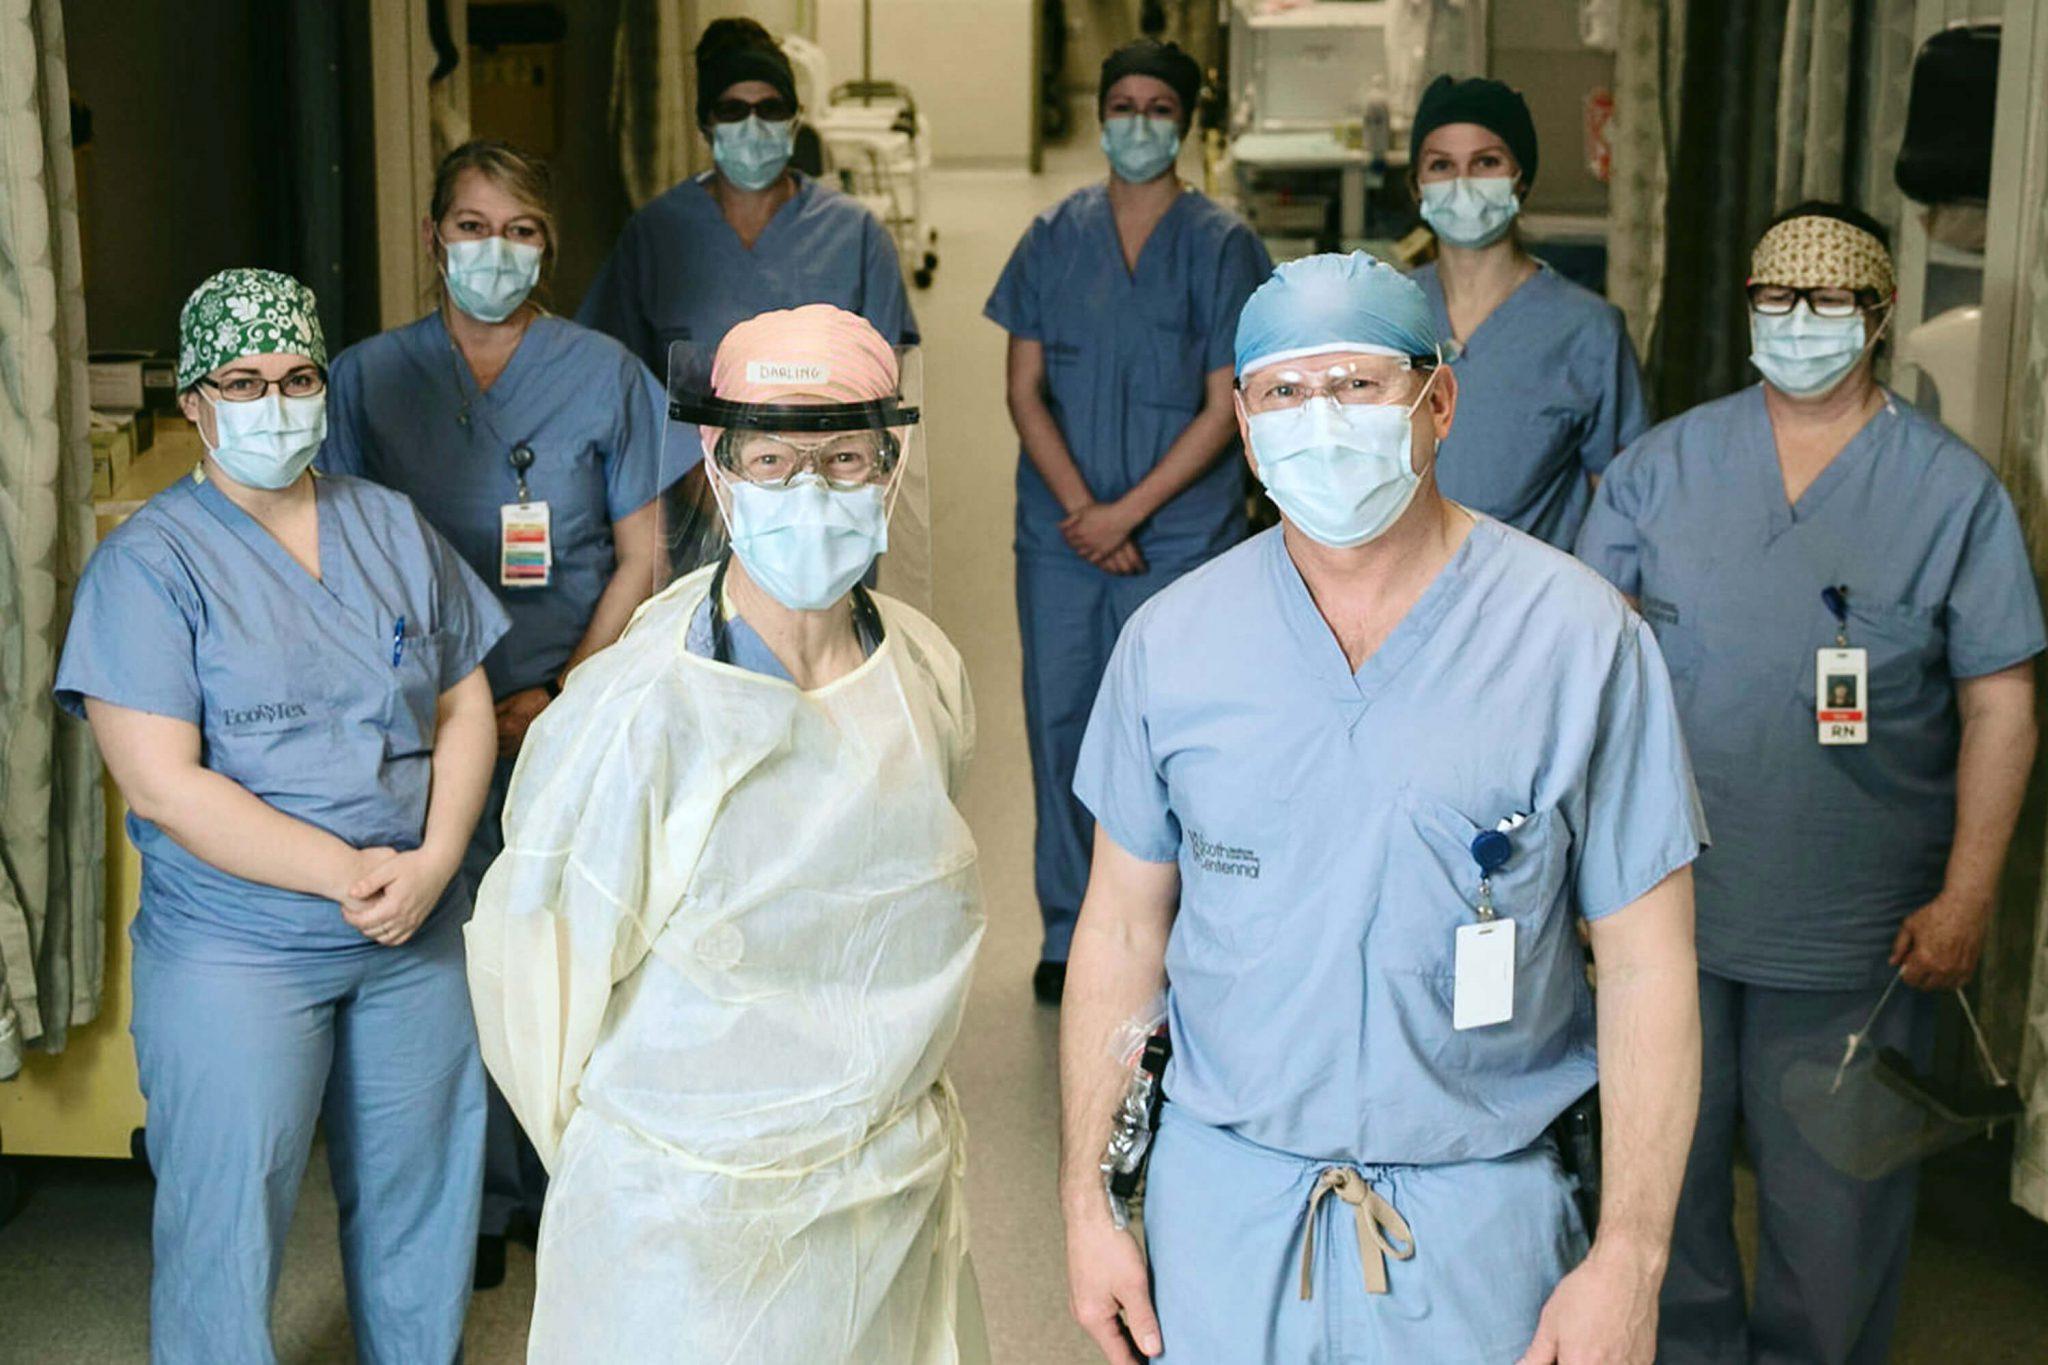 Masked doctors and nurses in hospital corridoor